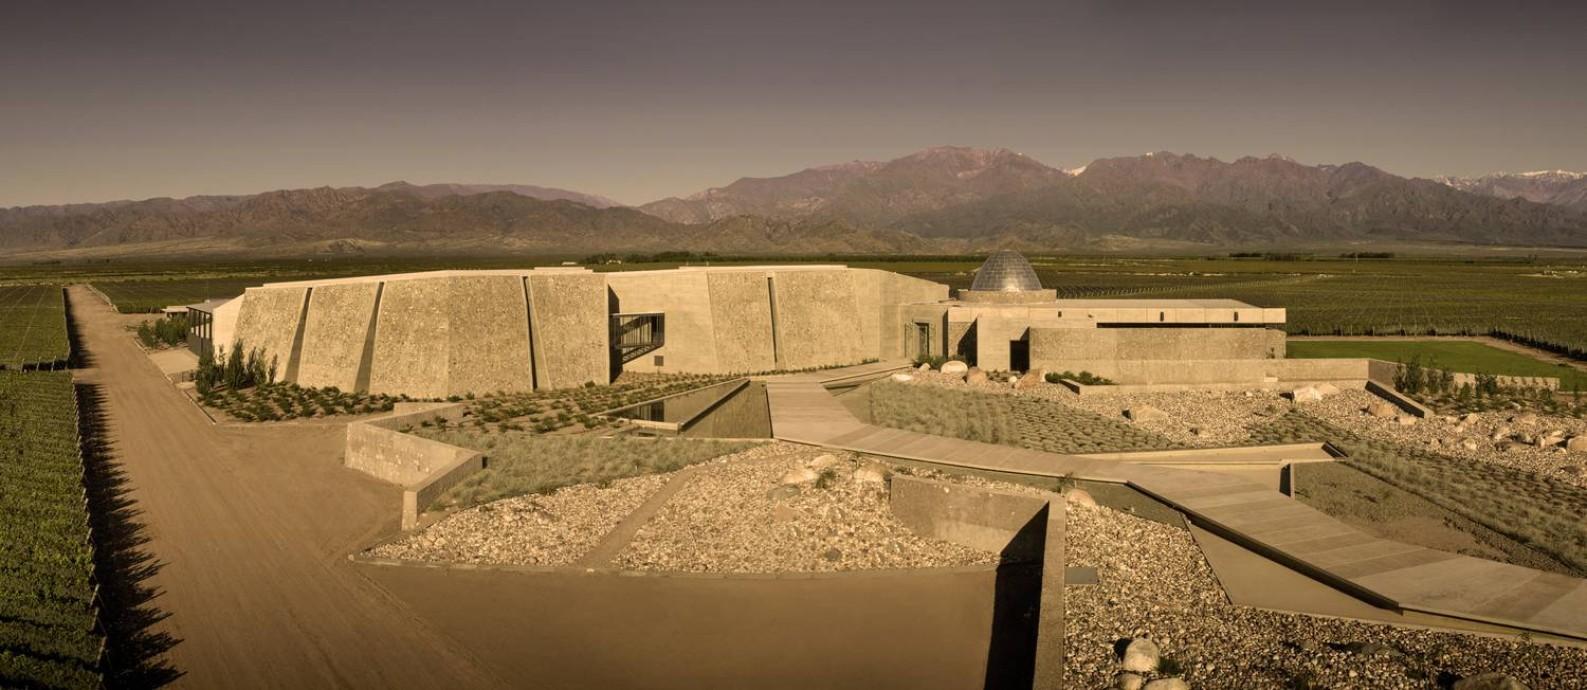 A vinícola Zuccardi Valle de Uco: escolhida a melhor do mundo. Jurados elegeram os lugares mais incríveis para degustar vinho e aprender sobre vinificação Foto: Divulgação